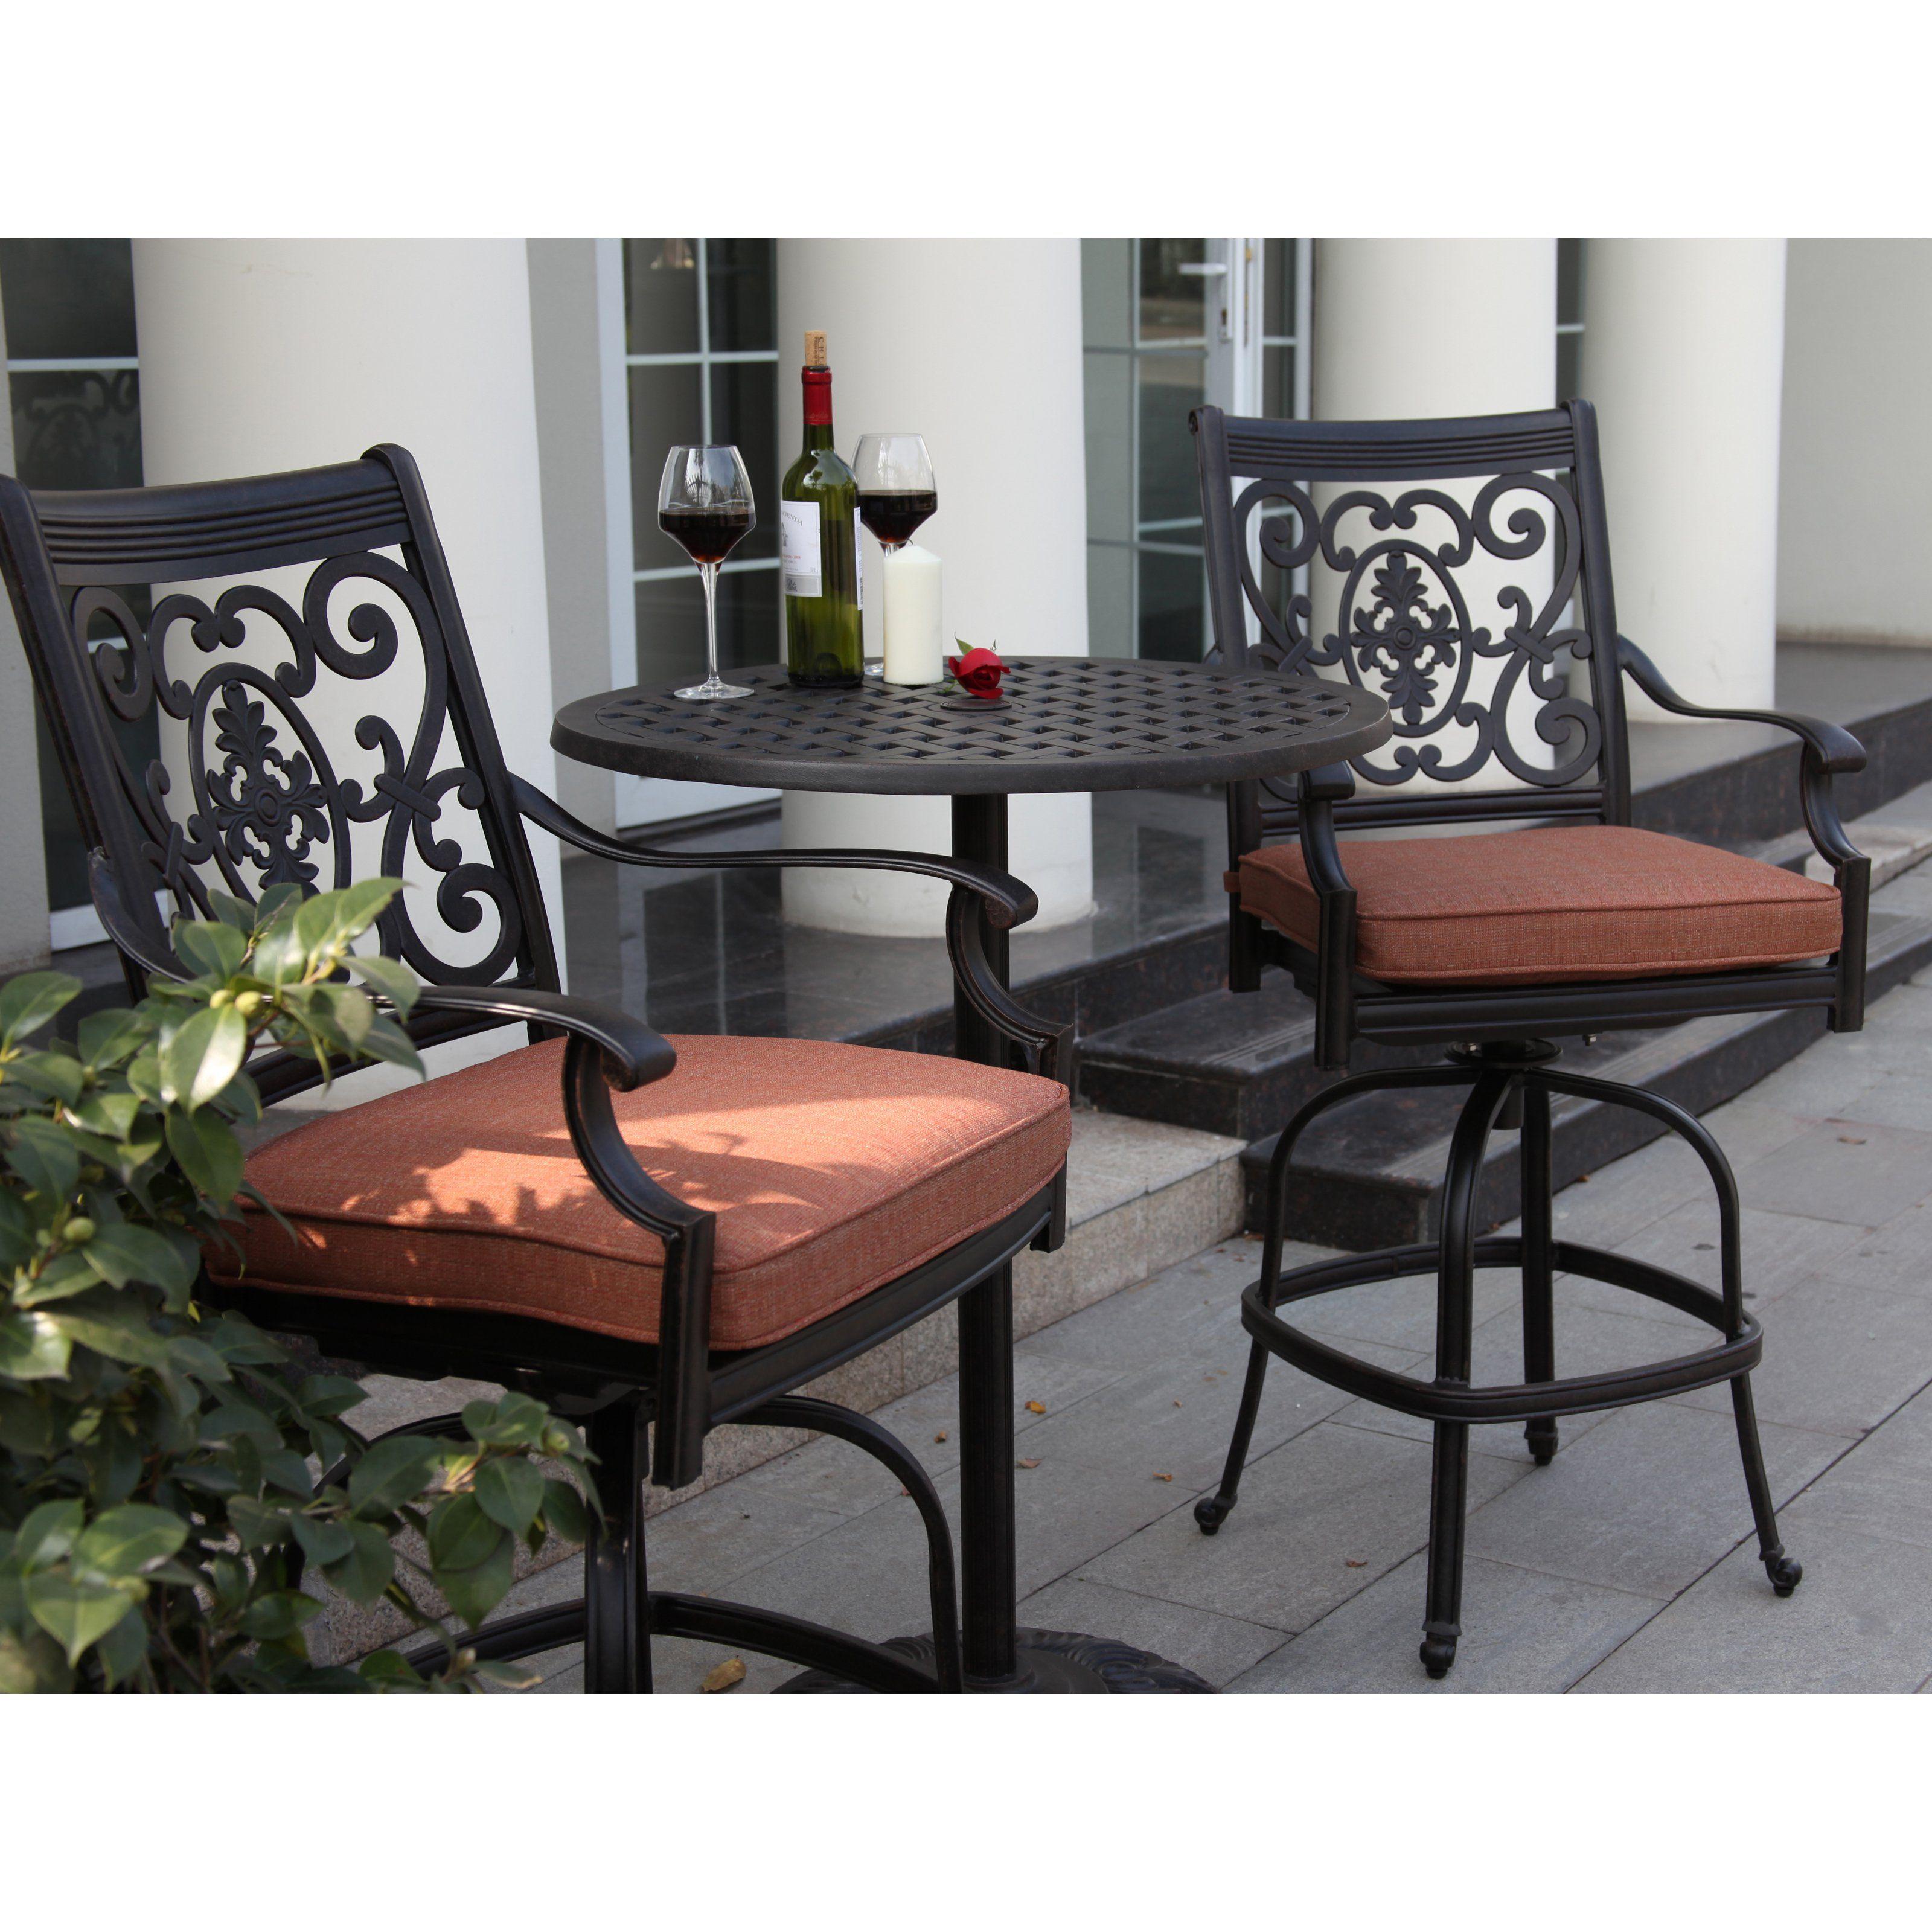 Outdoor darlee st cruz cast aluminum 3 piece round pedestal bar height patio bistro set dl101 3pc 30cj